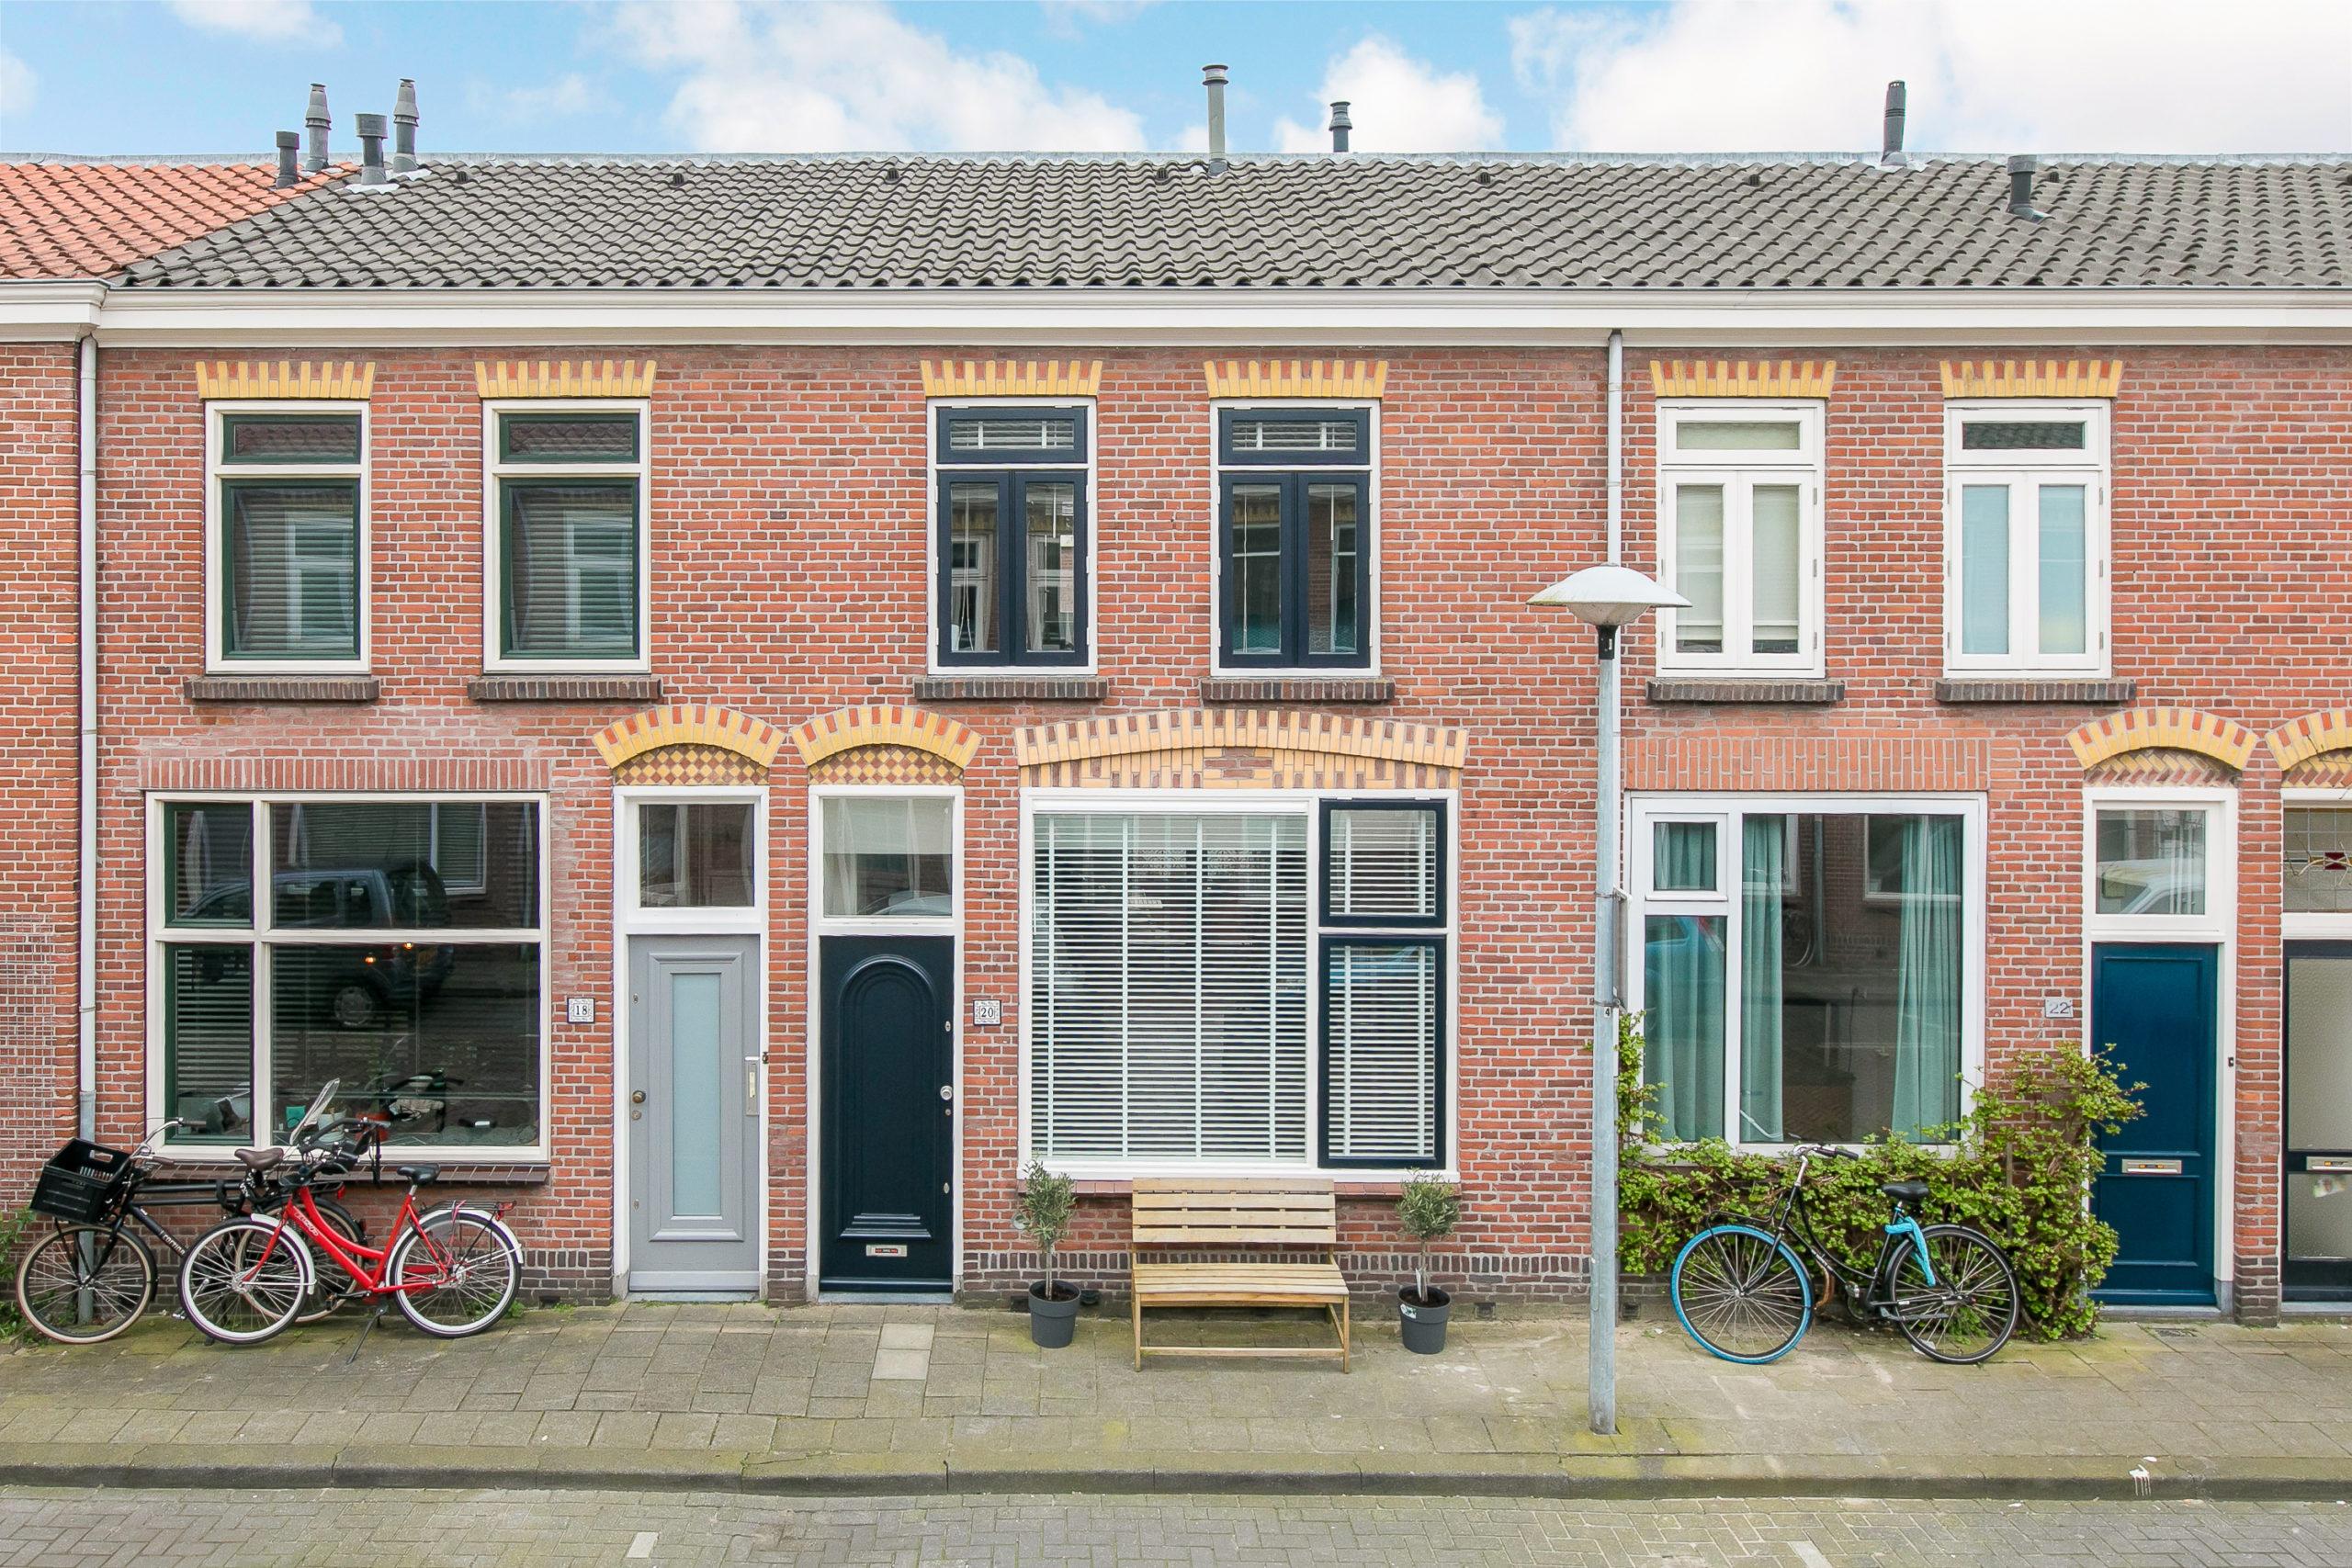 Jasmijnstraat 20 Utrecht, Jasmijnstraat 20 te Utrecht, Makelaar in Utrecht